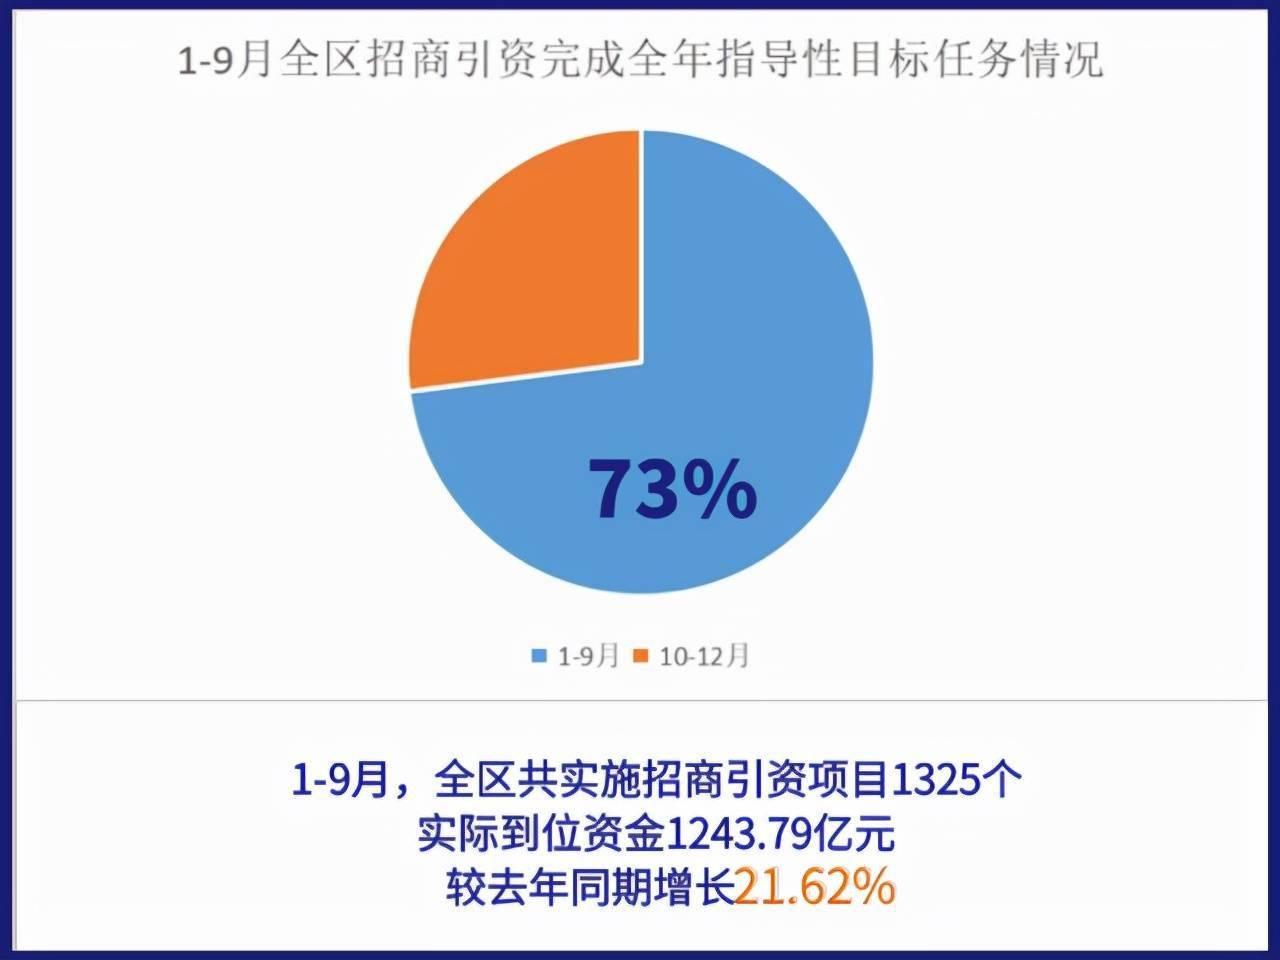 1至9月,宁夏实施招商引资合同项目1325个